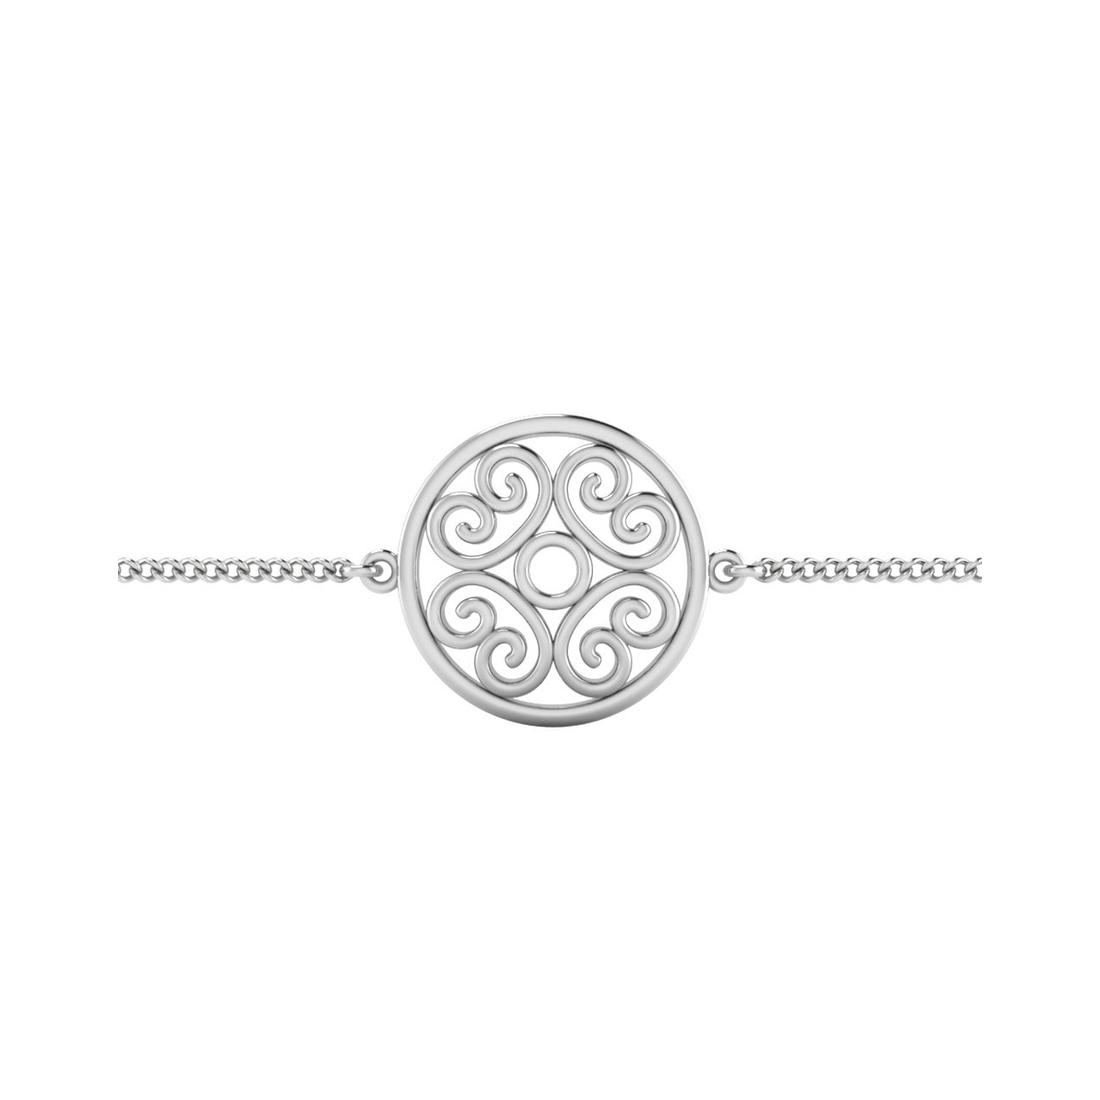 The Unique Silver Rakhi Bracelet